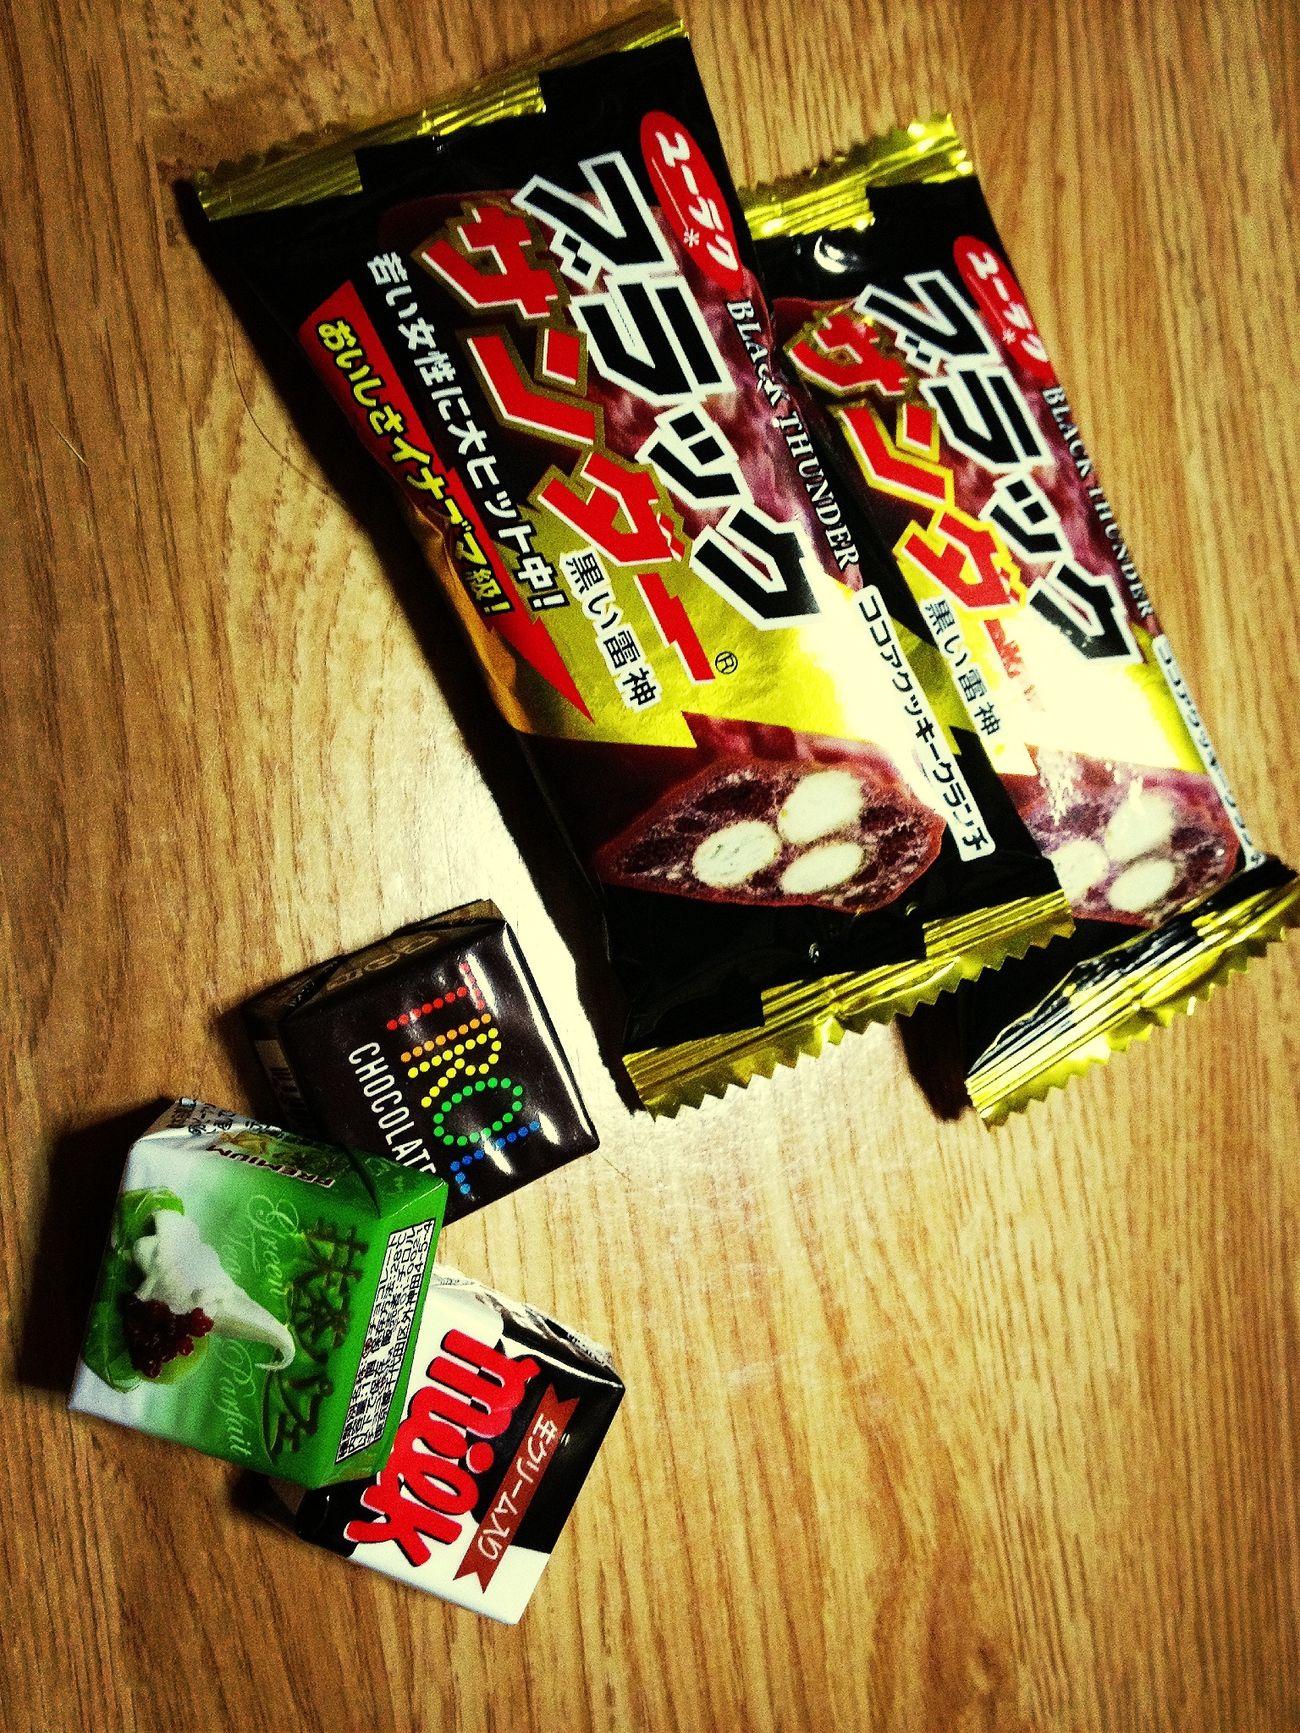 ハタチありがとーう☆*:.。. o(≧▽≦)o .。.:*☆